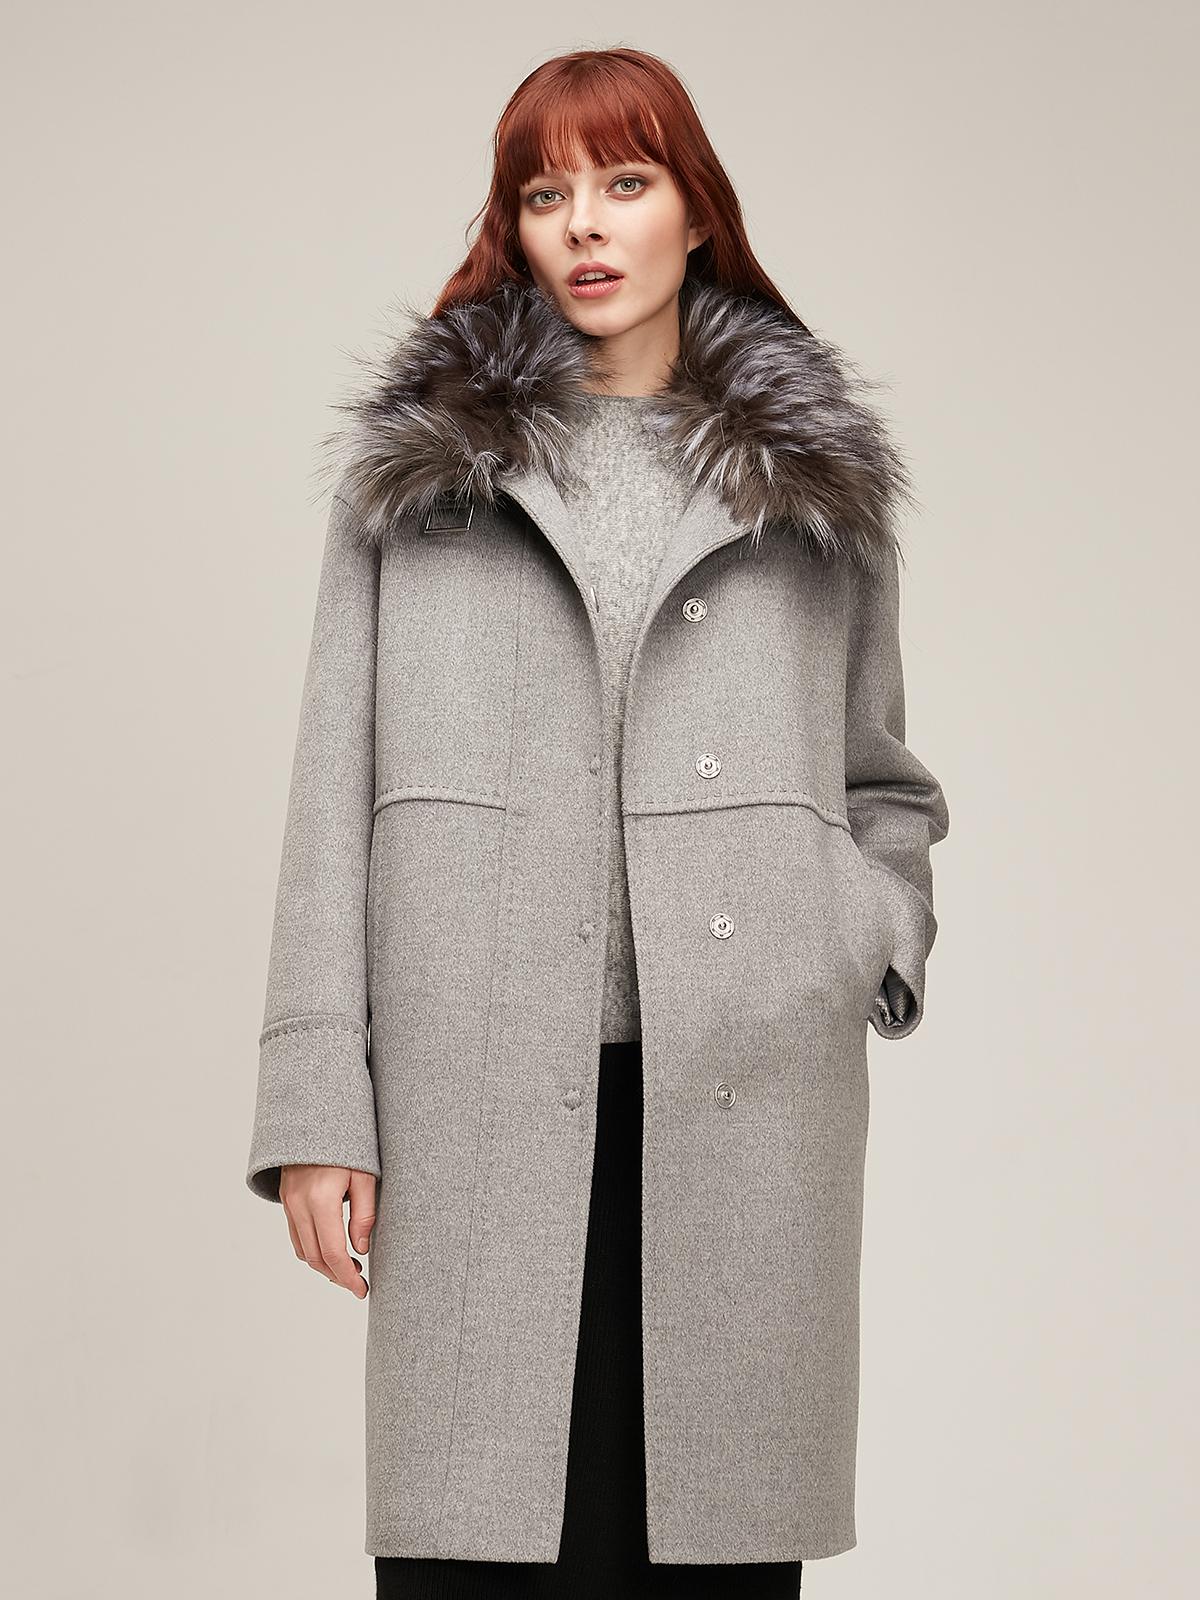 Картинки женское зимнее пальто